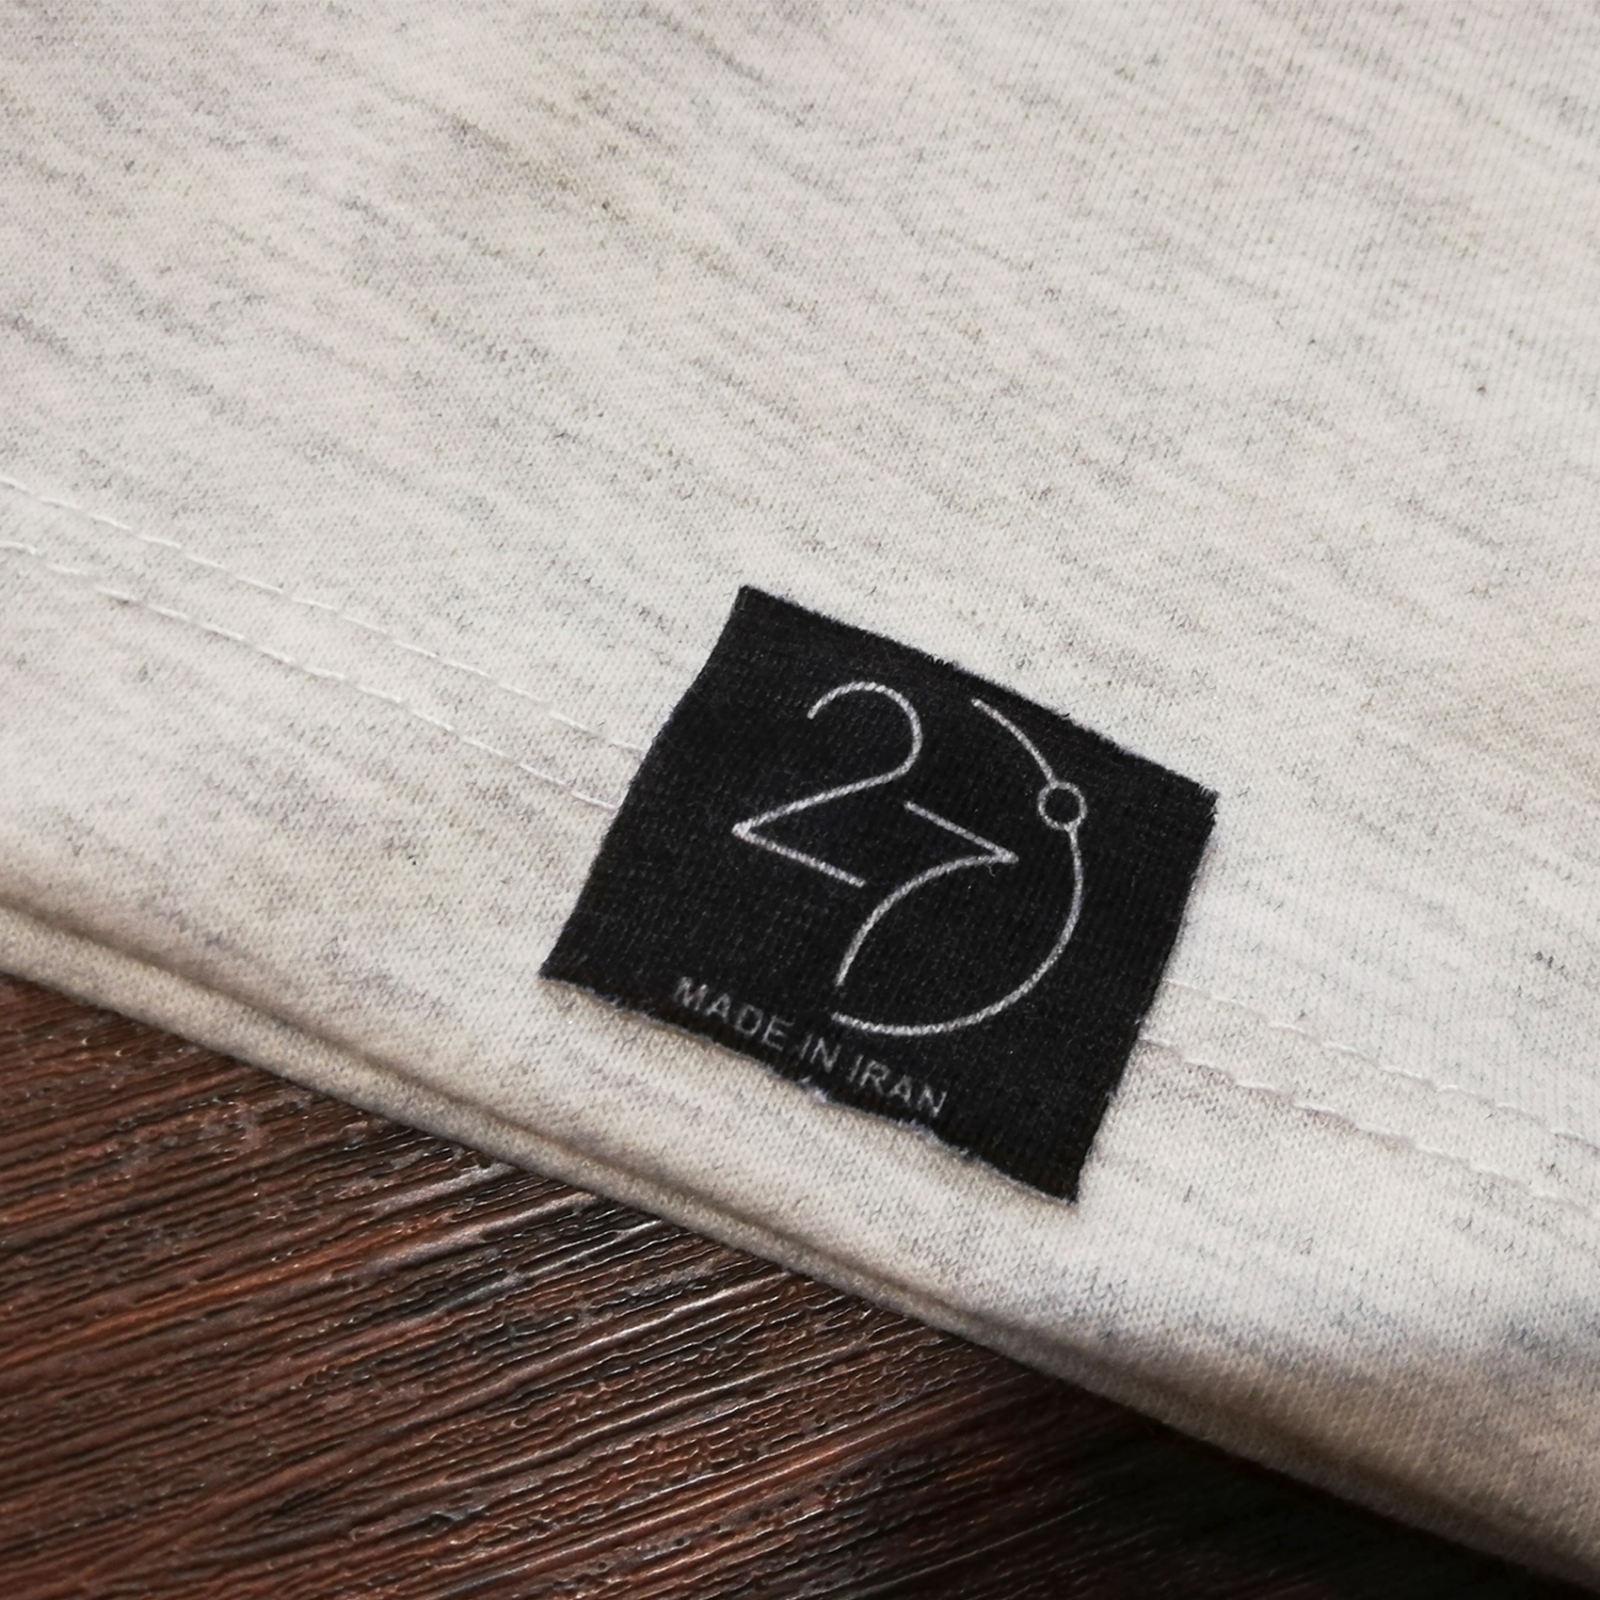 تیشرت مردانه 27 طرح هرهر کد K14 -  - 4